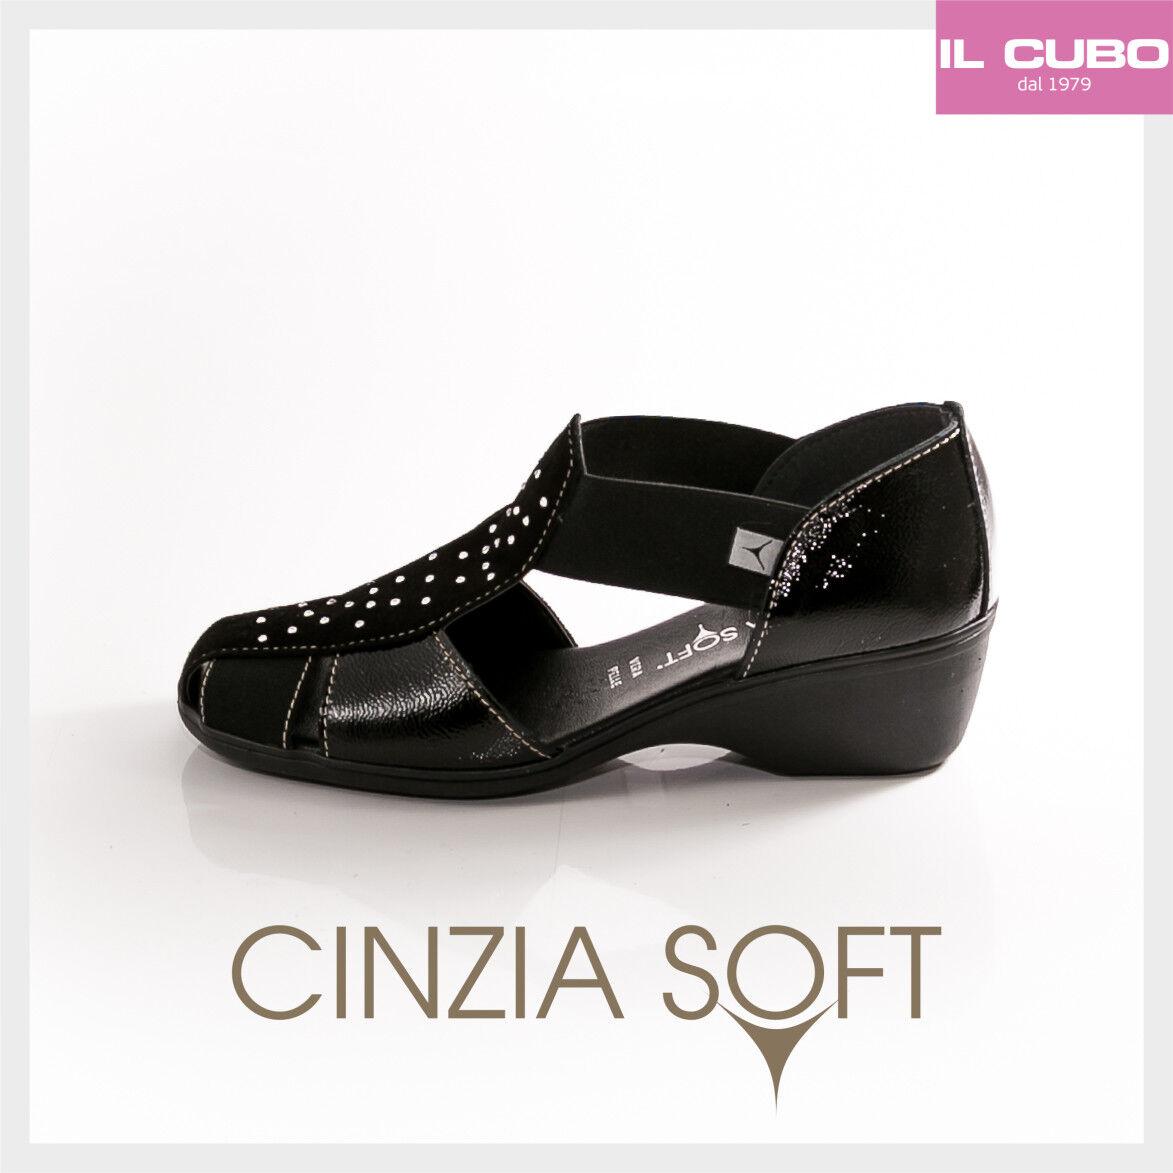 CINZIA SOFT SCARPA Damens SEMIAPERTA CAMOSCIO E VERNICE NERO ZEPPA H 4 CM M.ITALY